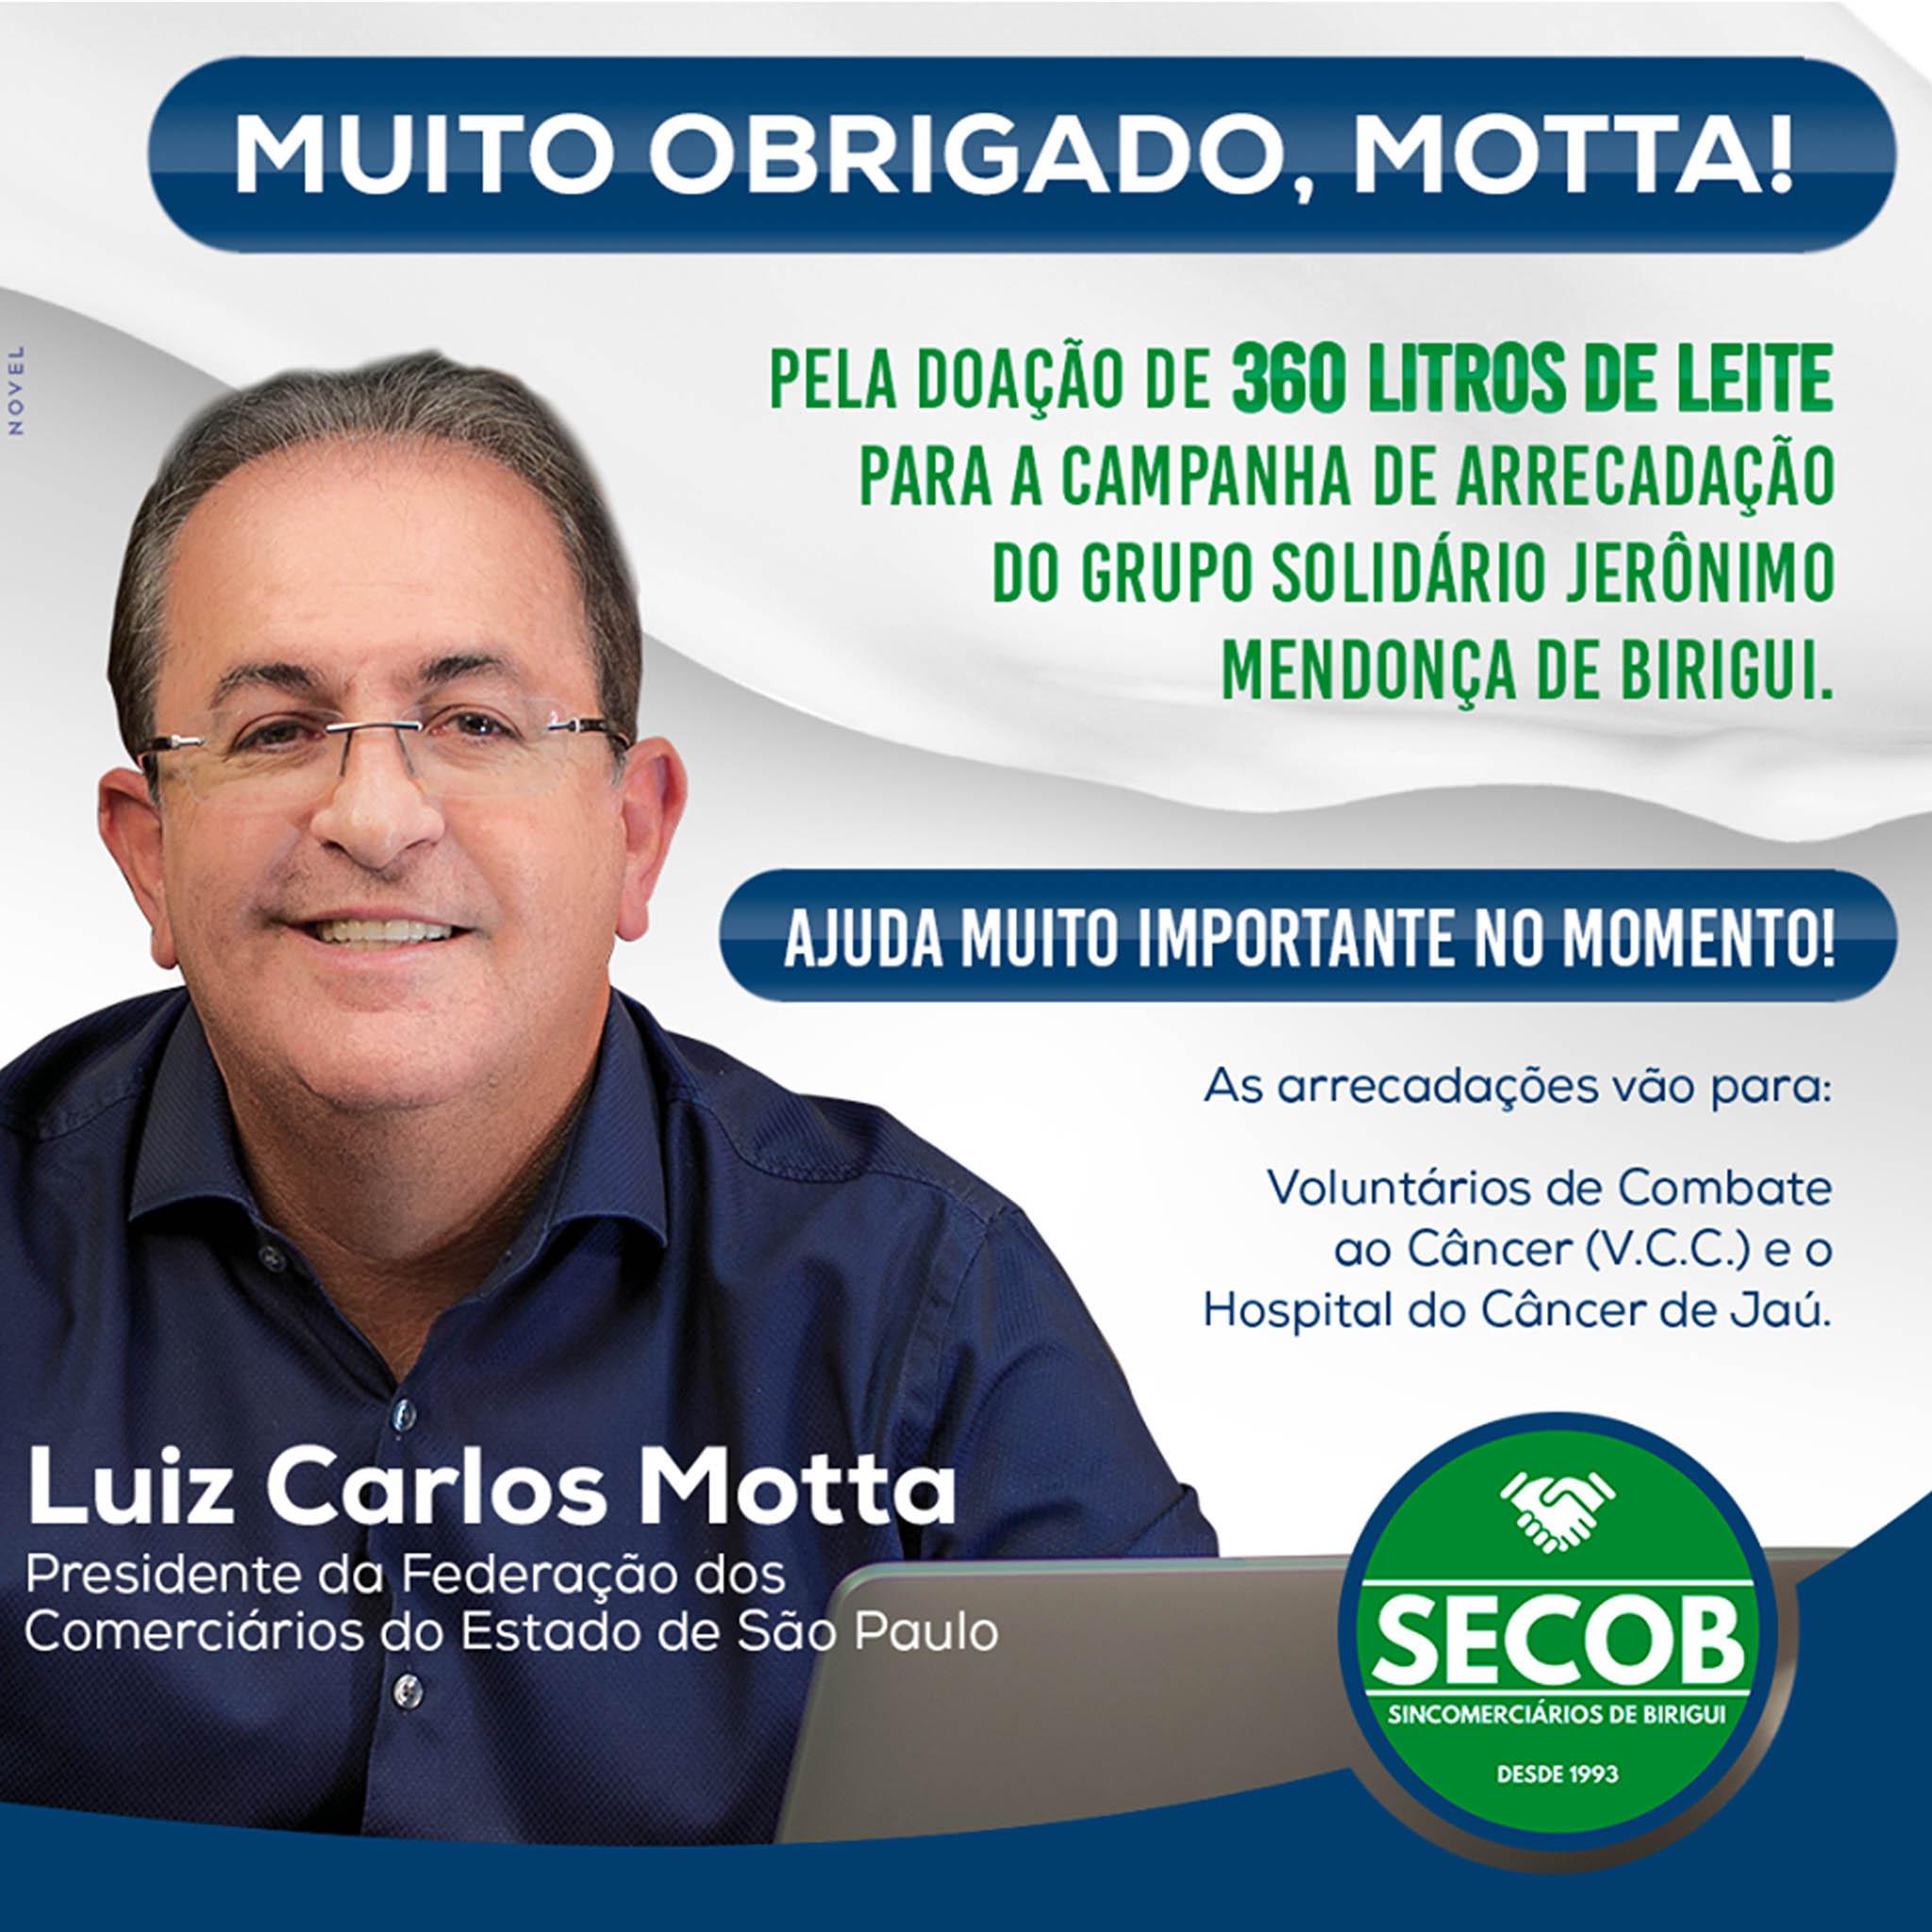 Presidente da Federação dos Comerciários doa 360 litros de leite em campanha de arrecadação